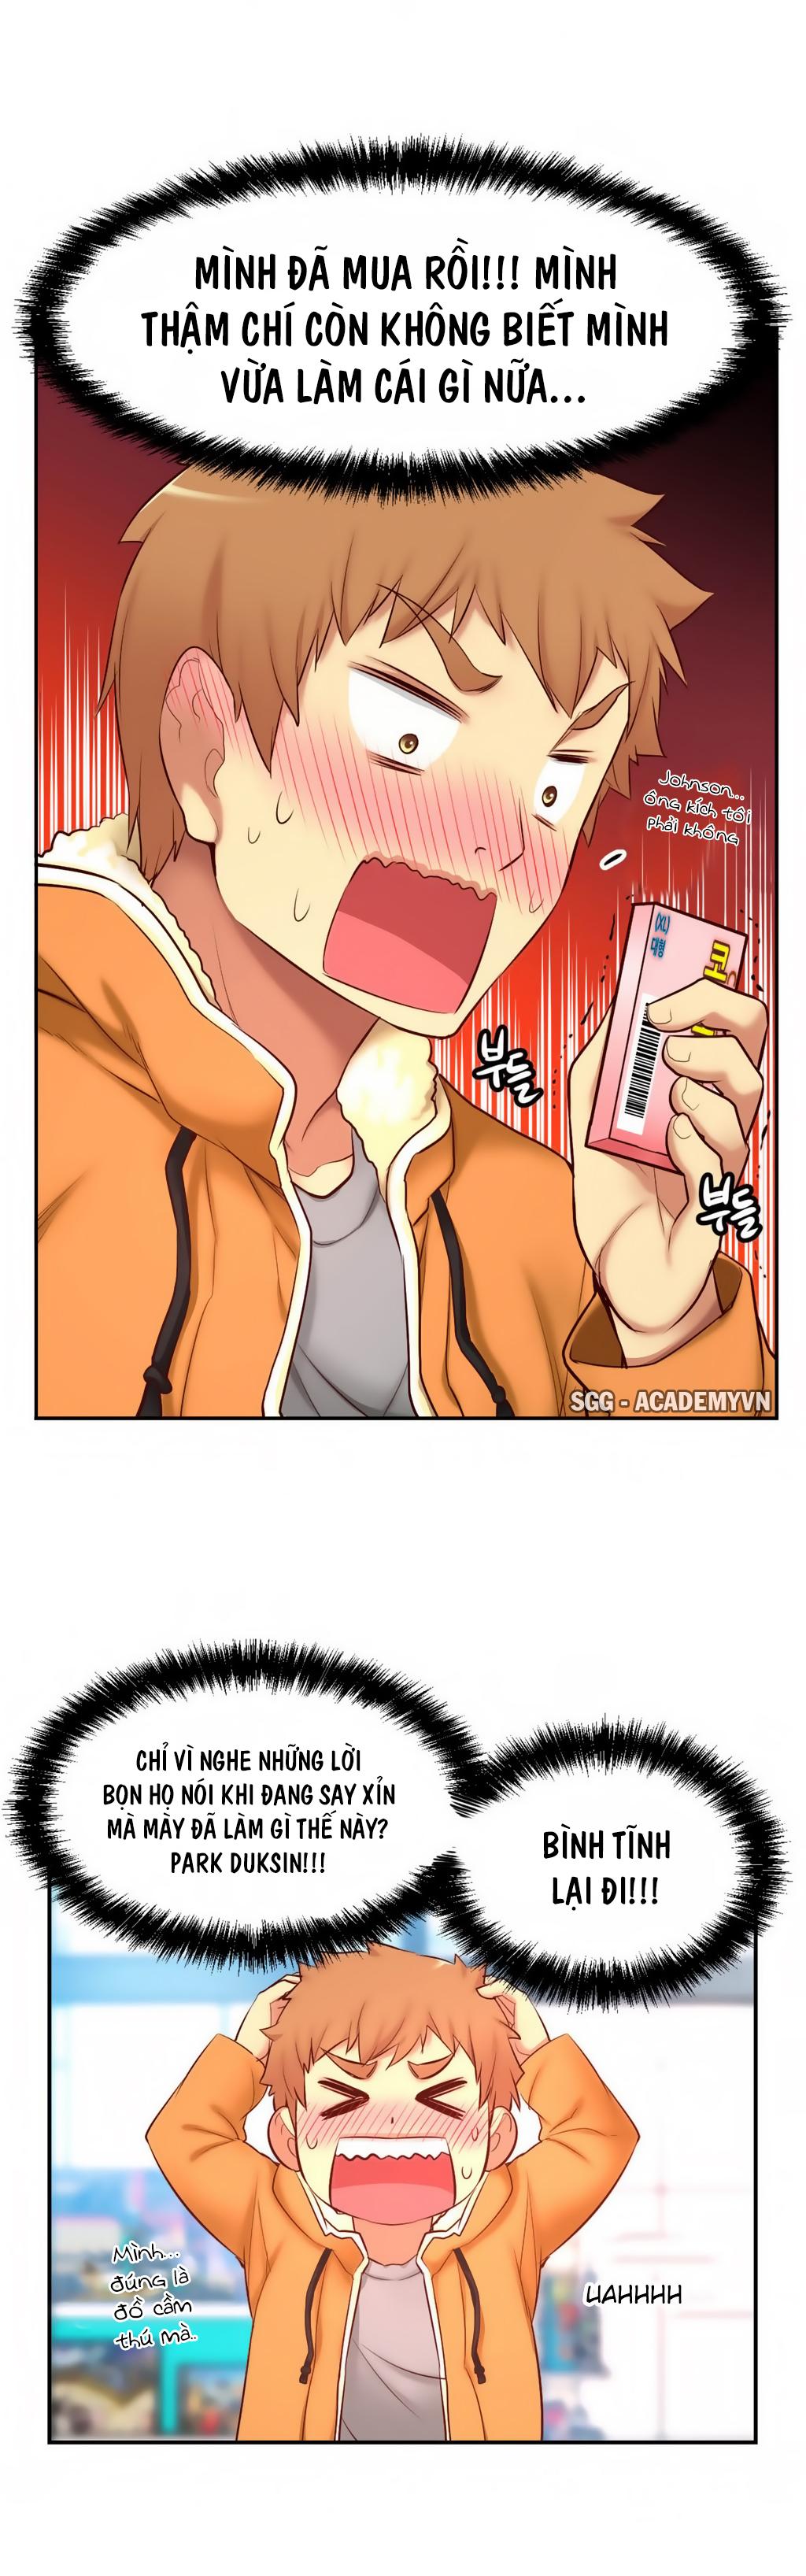 Hình ảnh h035 in [Siêu phẩm Hentai] Little Girl Full